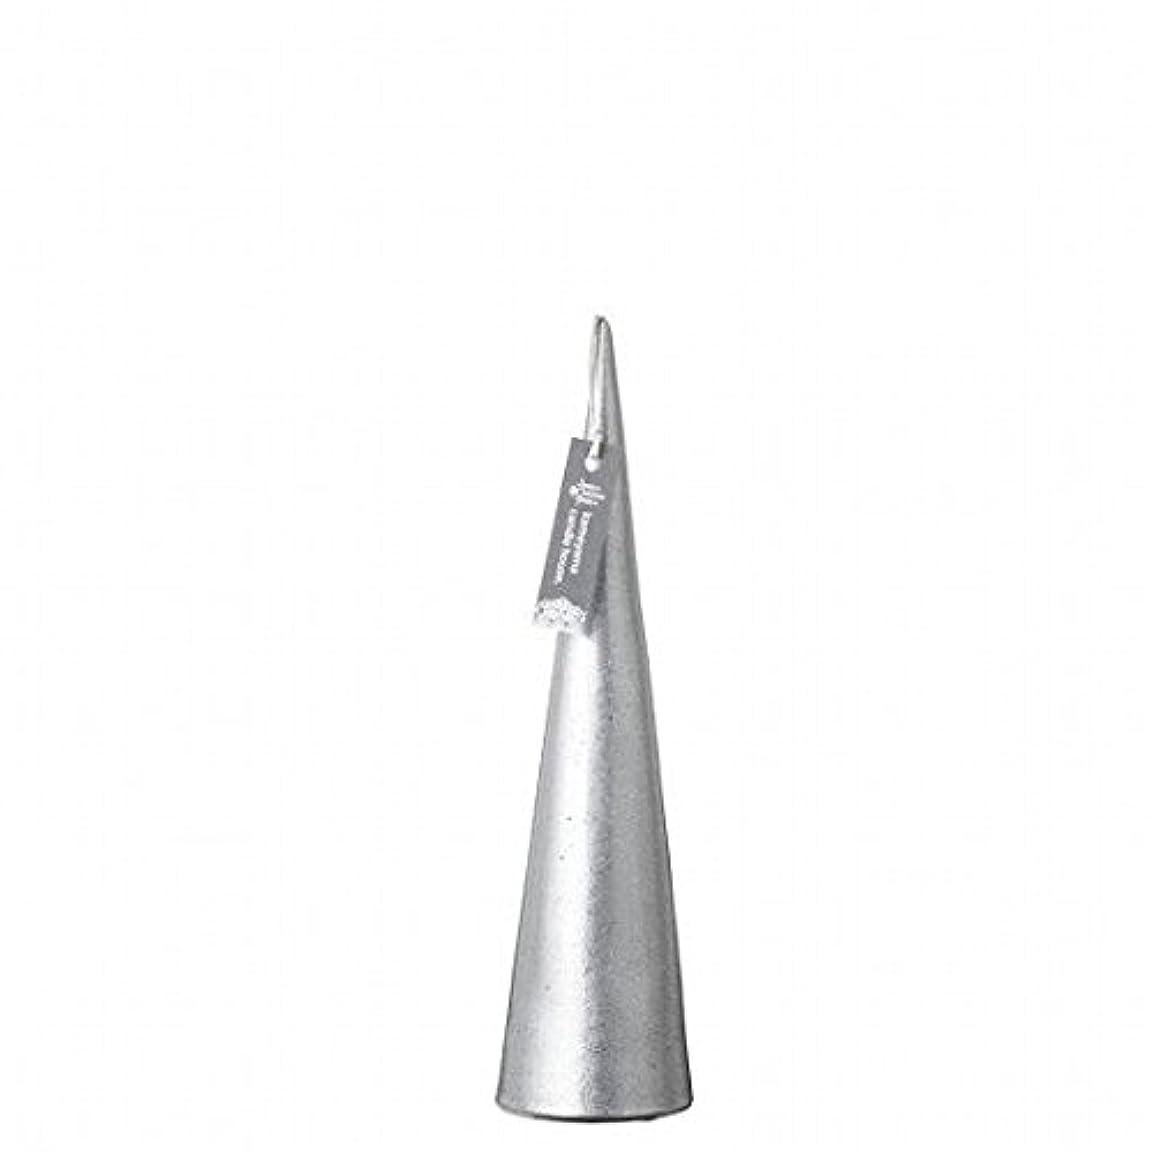 堀展示会スクレーパーkameyama candle(カメヤマキャンドル) メタリックコーンM 「 シルバー 」(A9560110SI)